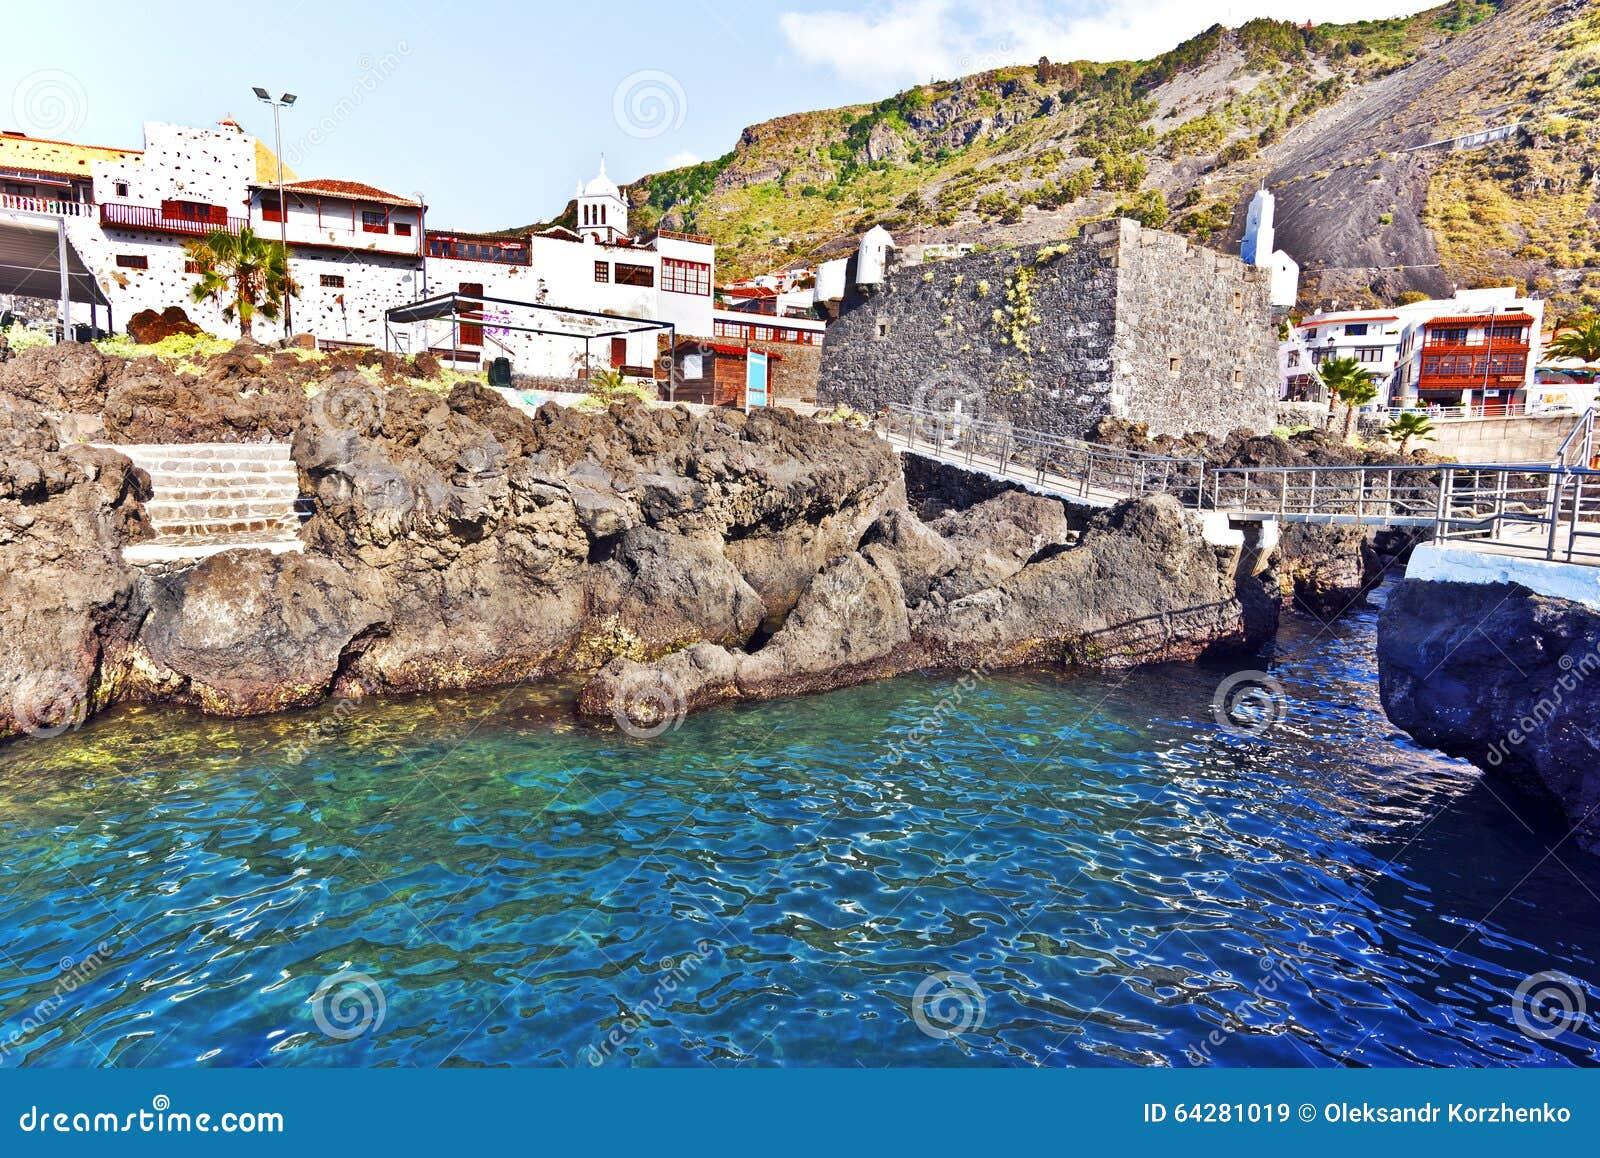 Pueblo de garachico y piscinas naturales en la isla de for Piscina natural tenerife